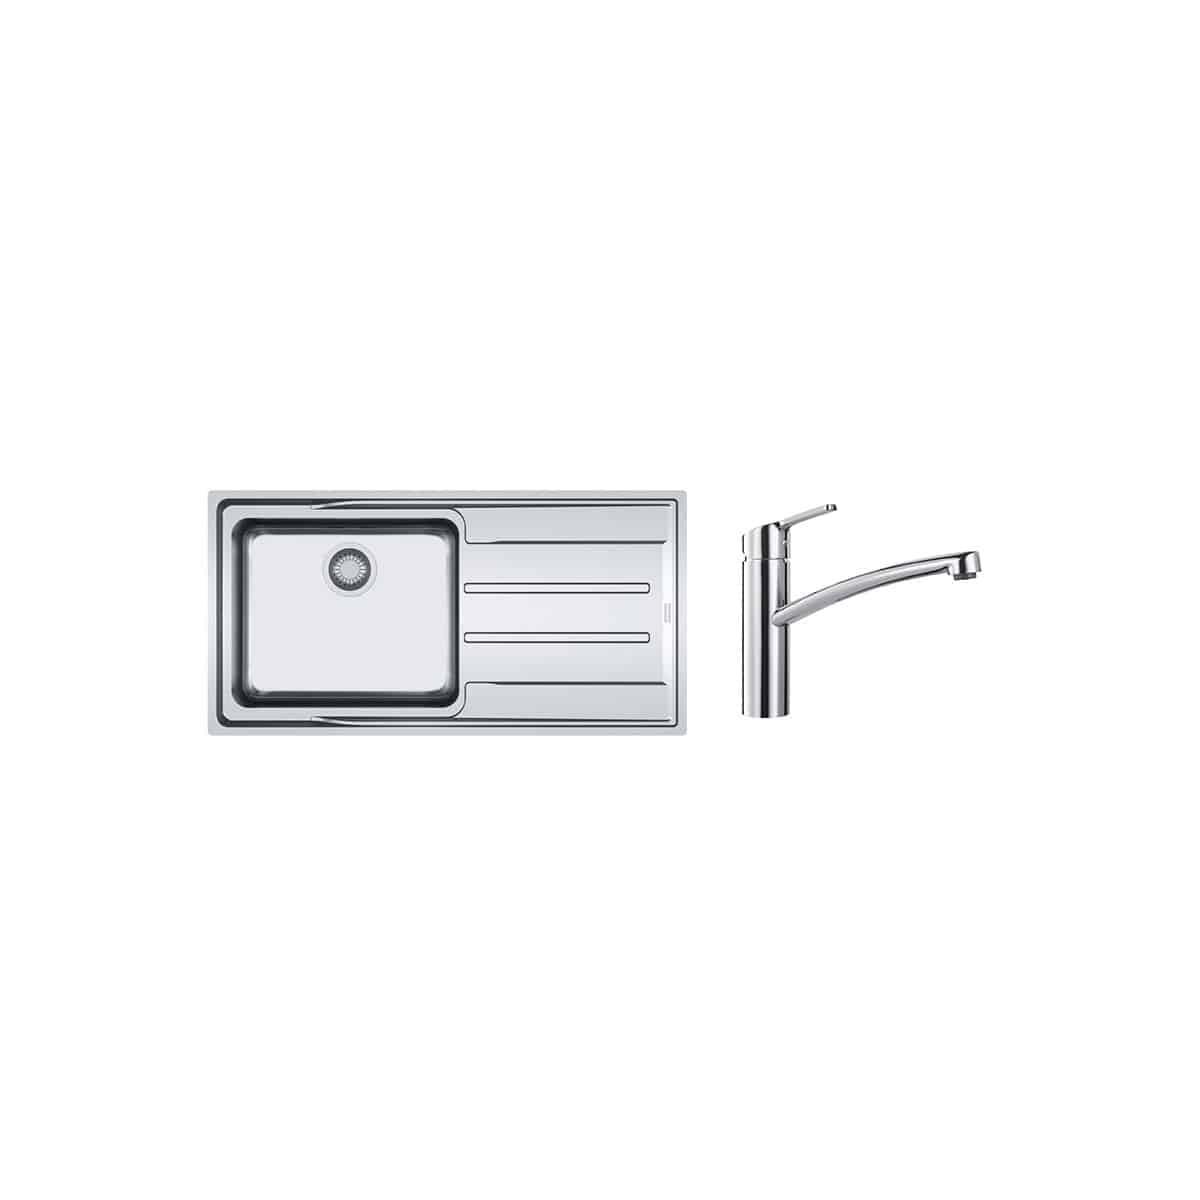 Franke PACK Franke Aton ANX211-100 + Mitigeur Smart à bec - Coloris : Inox Lisse - égouttoir A droite - Inox Lisse